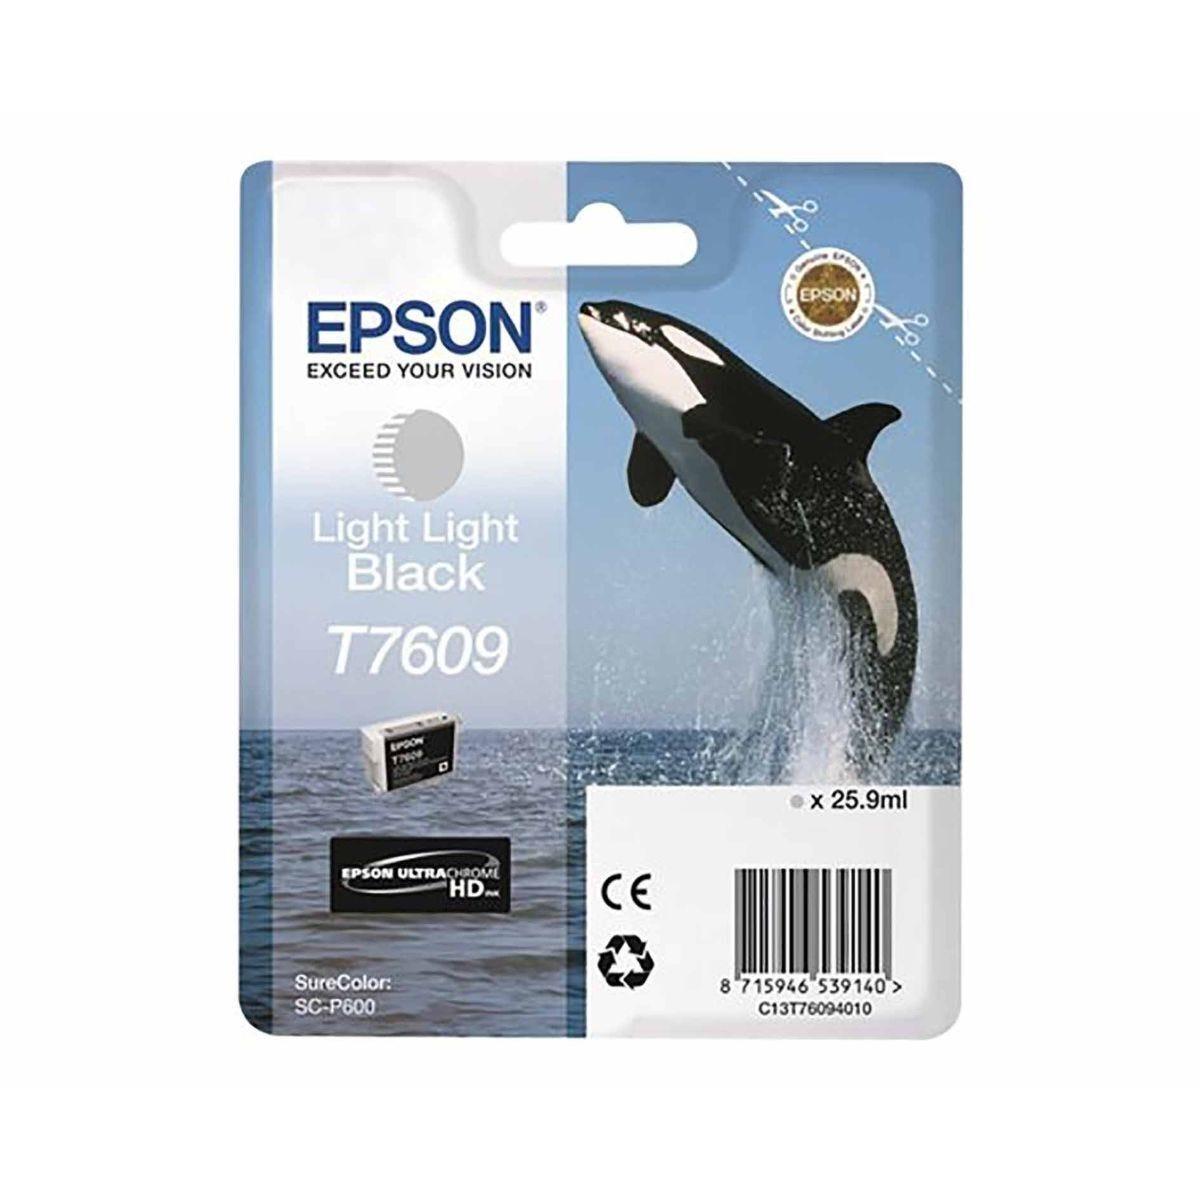 Epson T7609 Ink Light Light Black